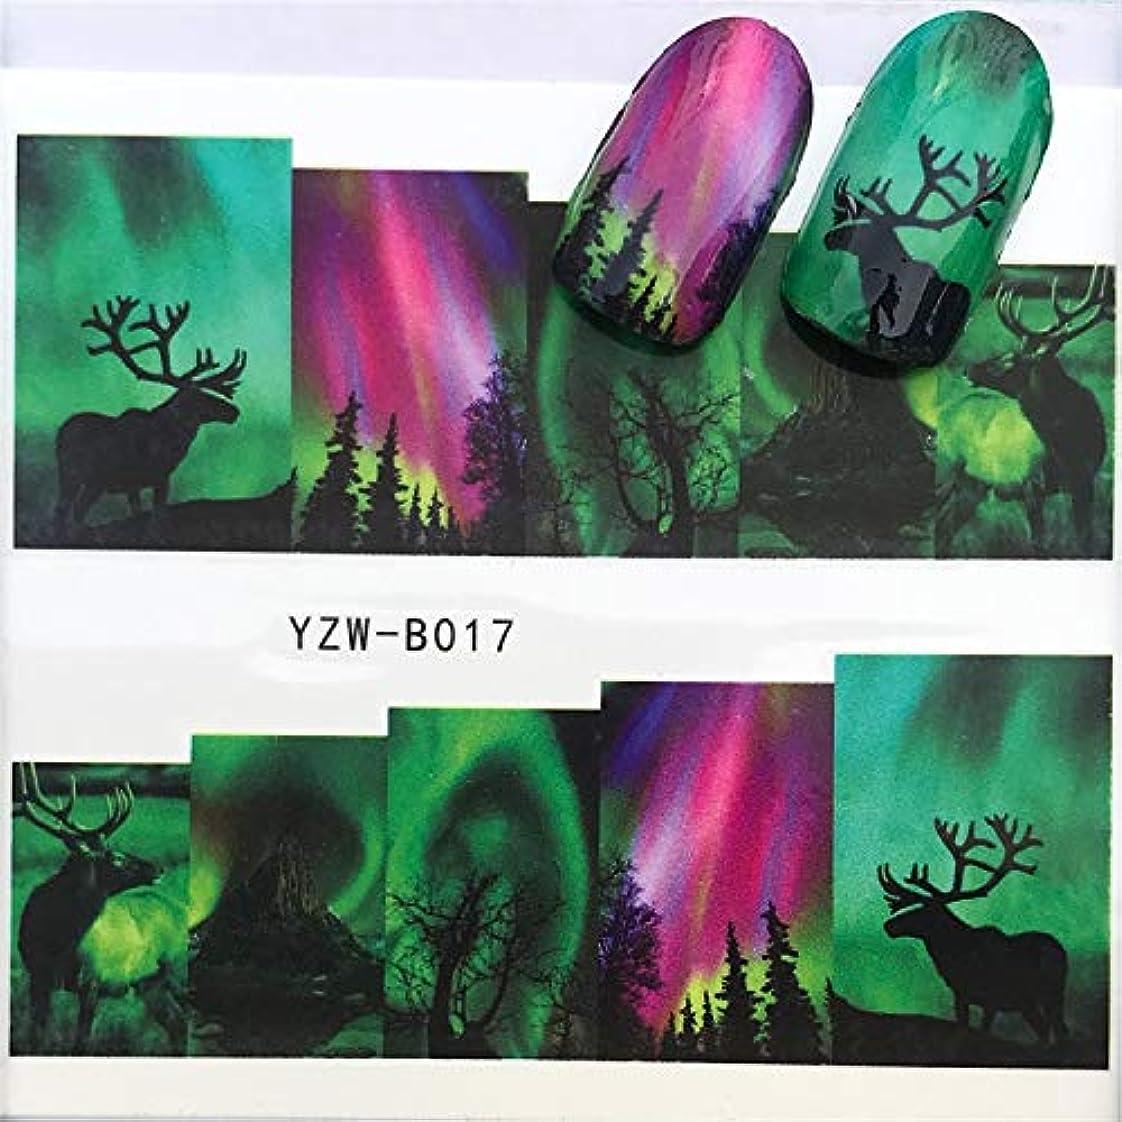 偽造赤挽くYan 3個ネイルステッカーセットデカール水転写スライダーネイルアートデコレーション、色:YZWB017